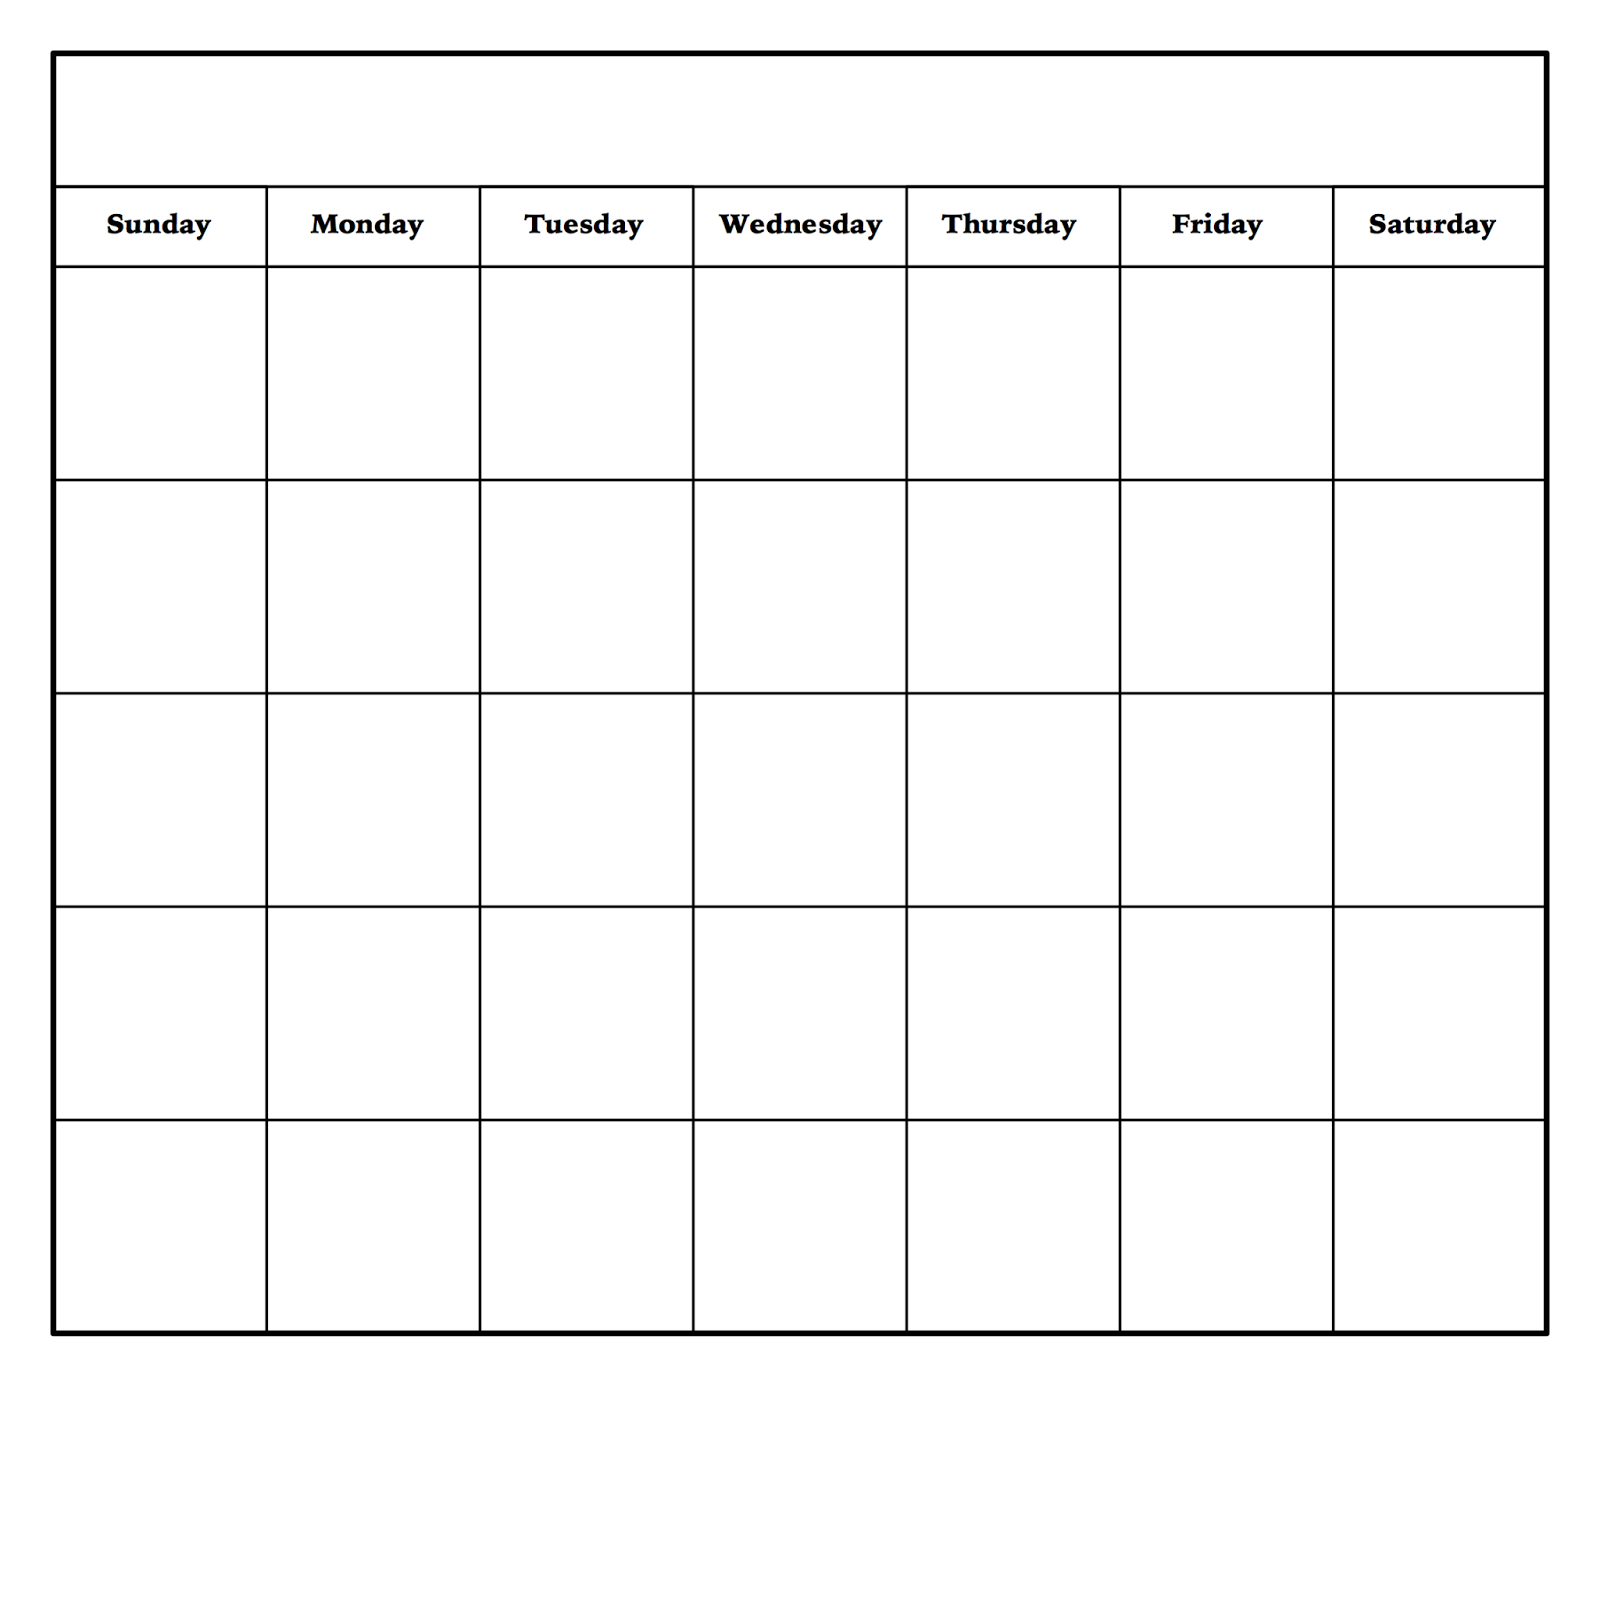 Diy Dry Erase Calendar | Листы | Календарь, Дизайн И Органайзер